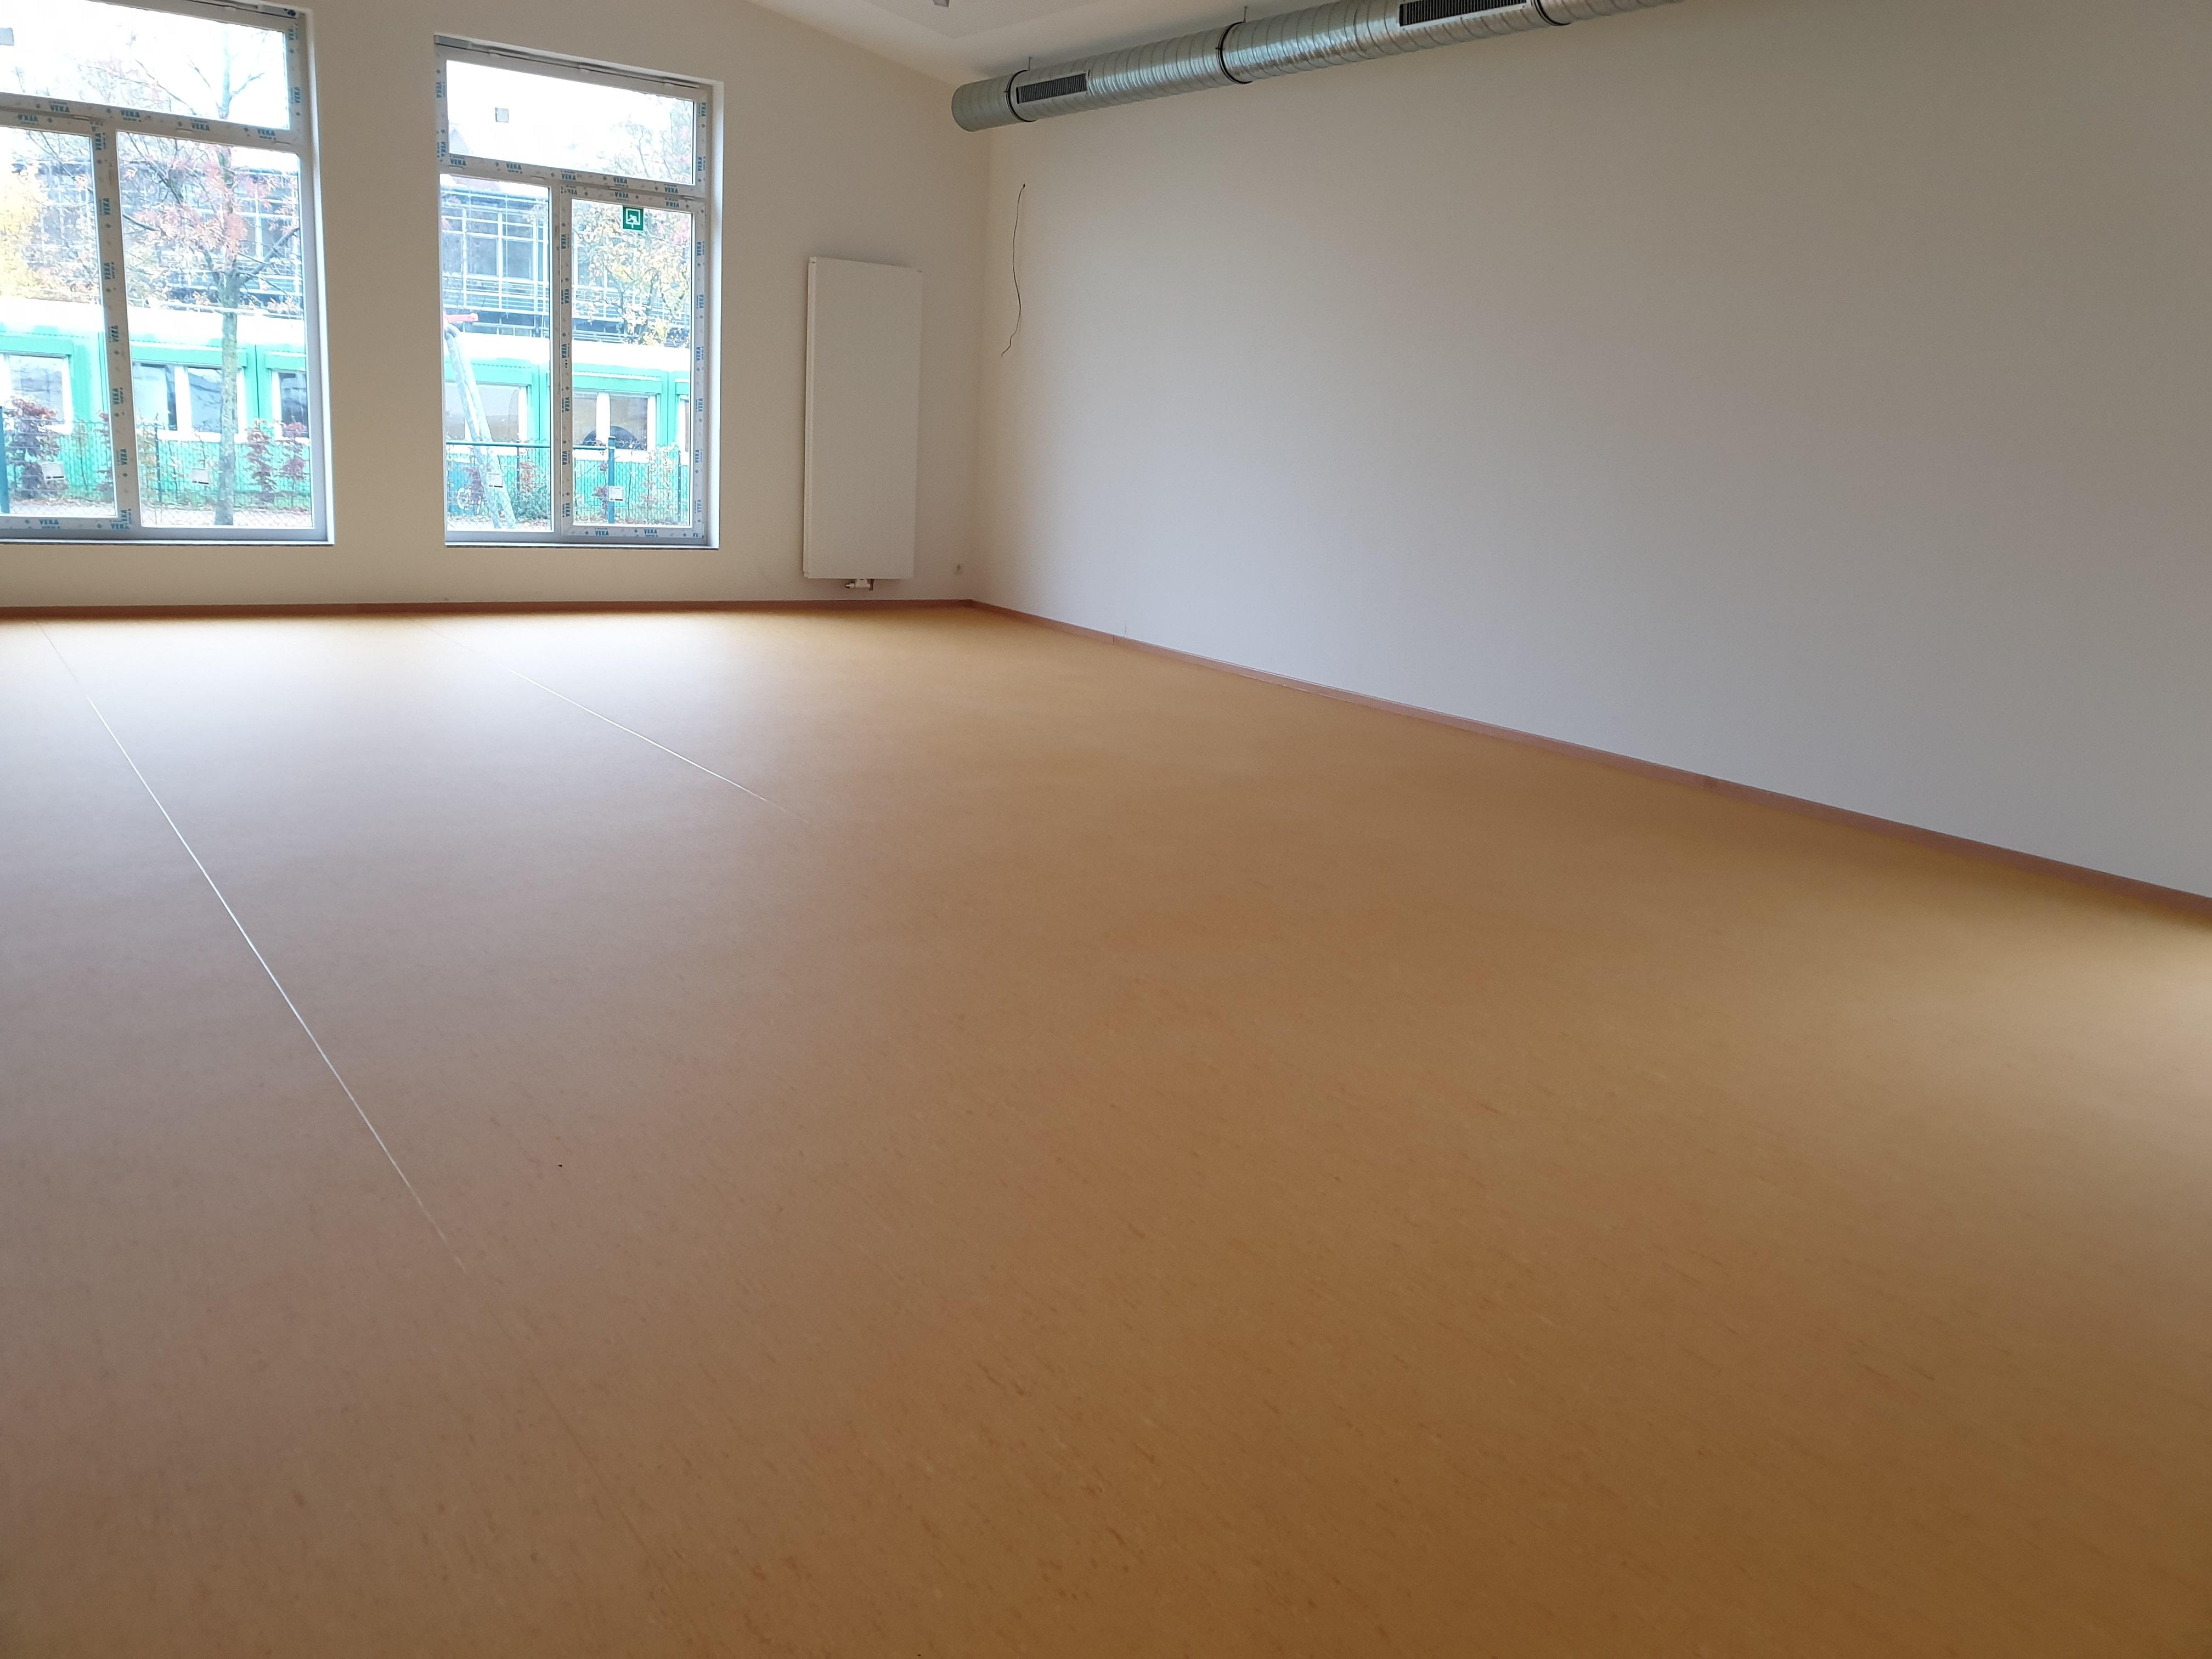 Linoleum-Muenster-Waermebodentechnik-Brueggemann-20